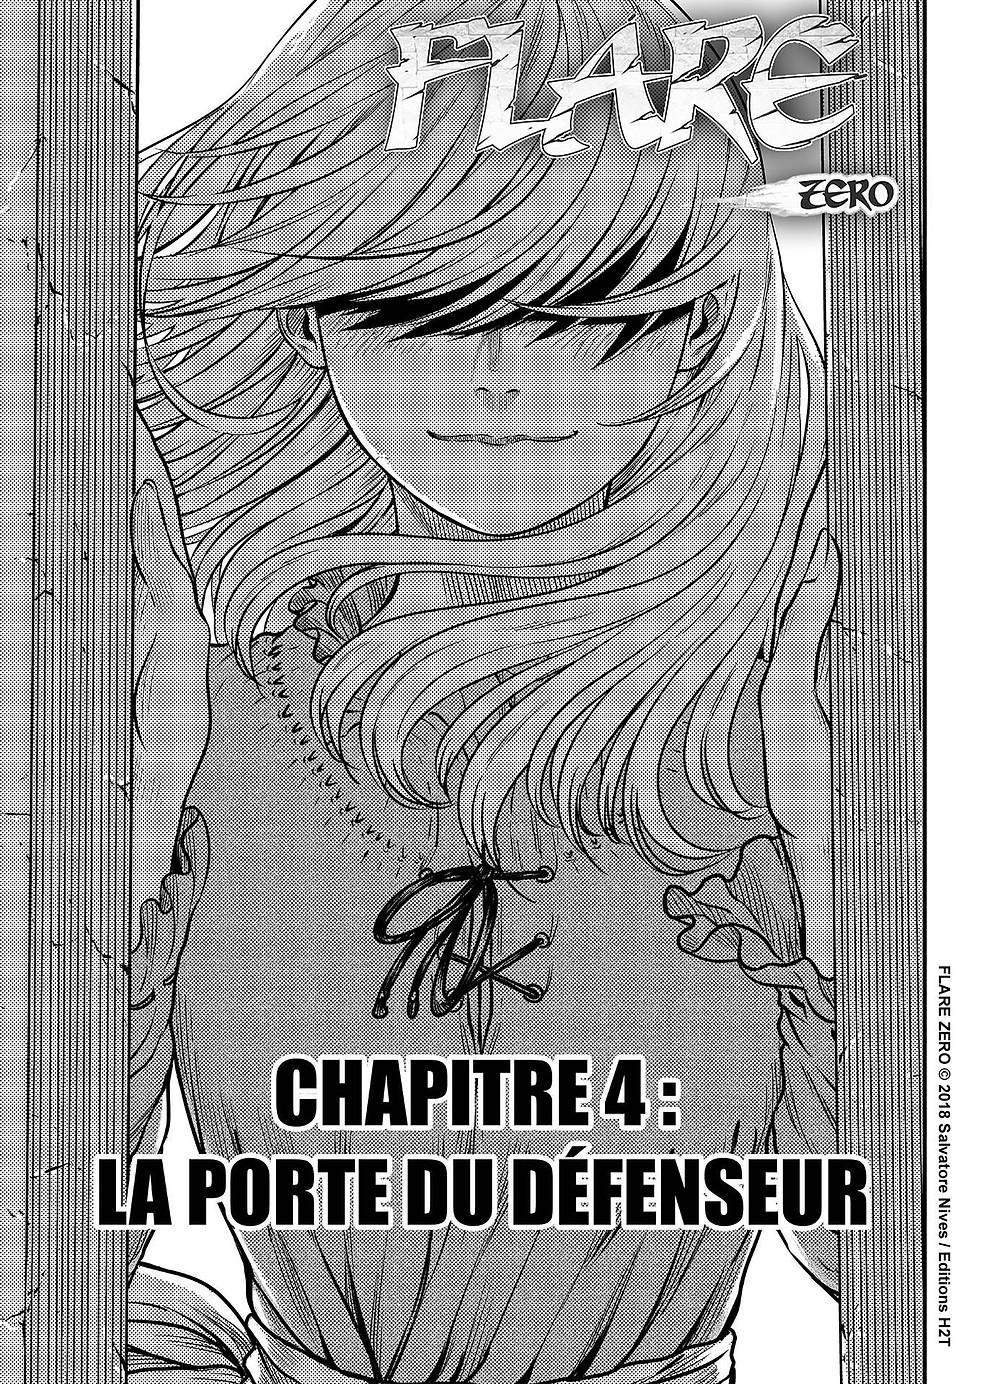 Sortie du chapitre 3 de Flare Zero le manga de Salvatore Nives aux Editions H2T - Disponible sur weeklycomics.fr